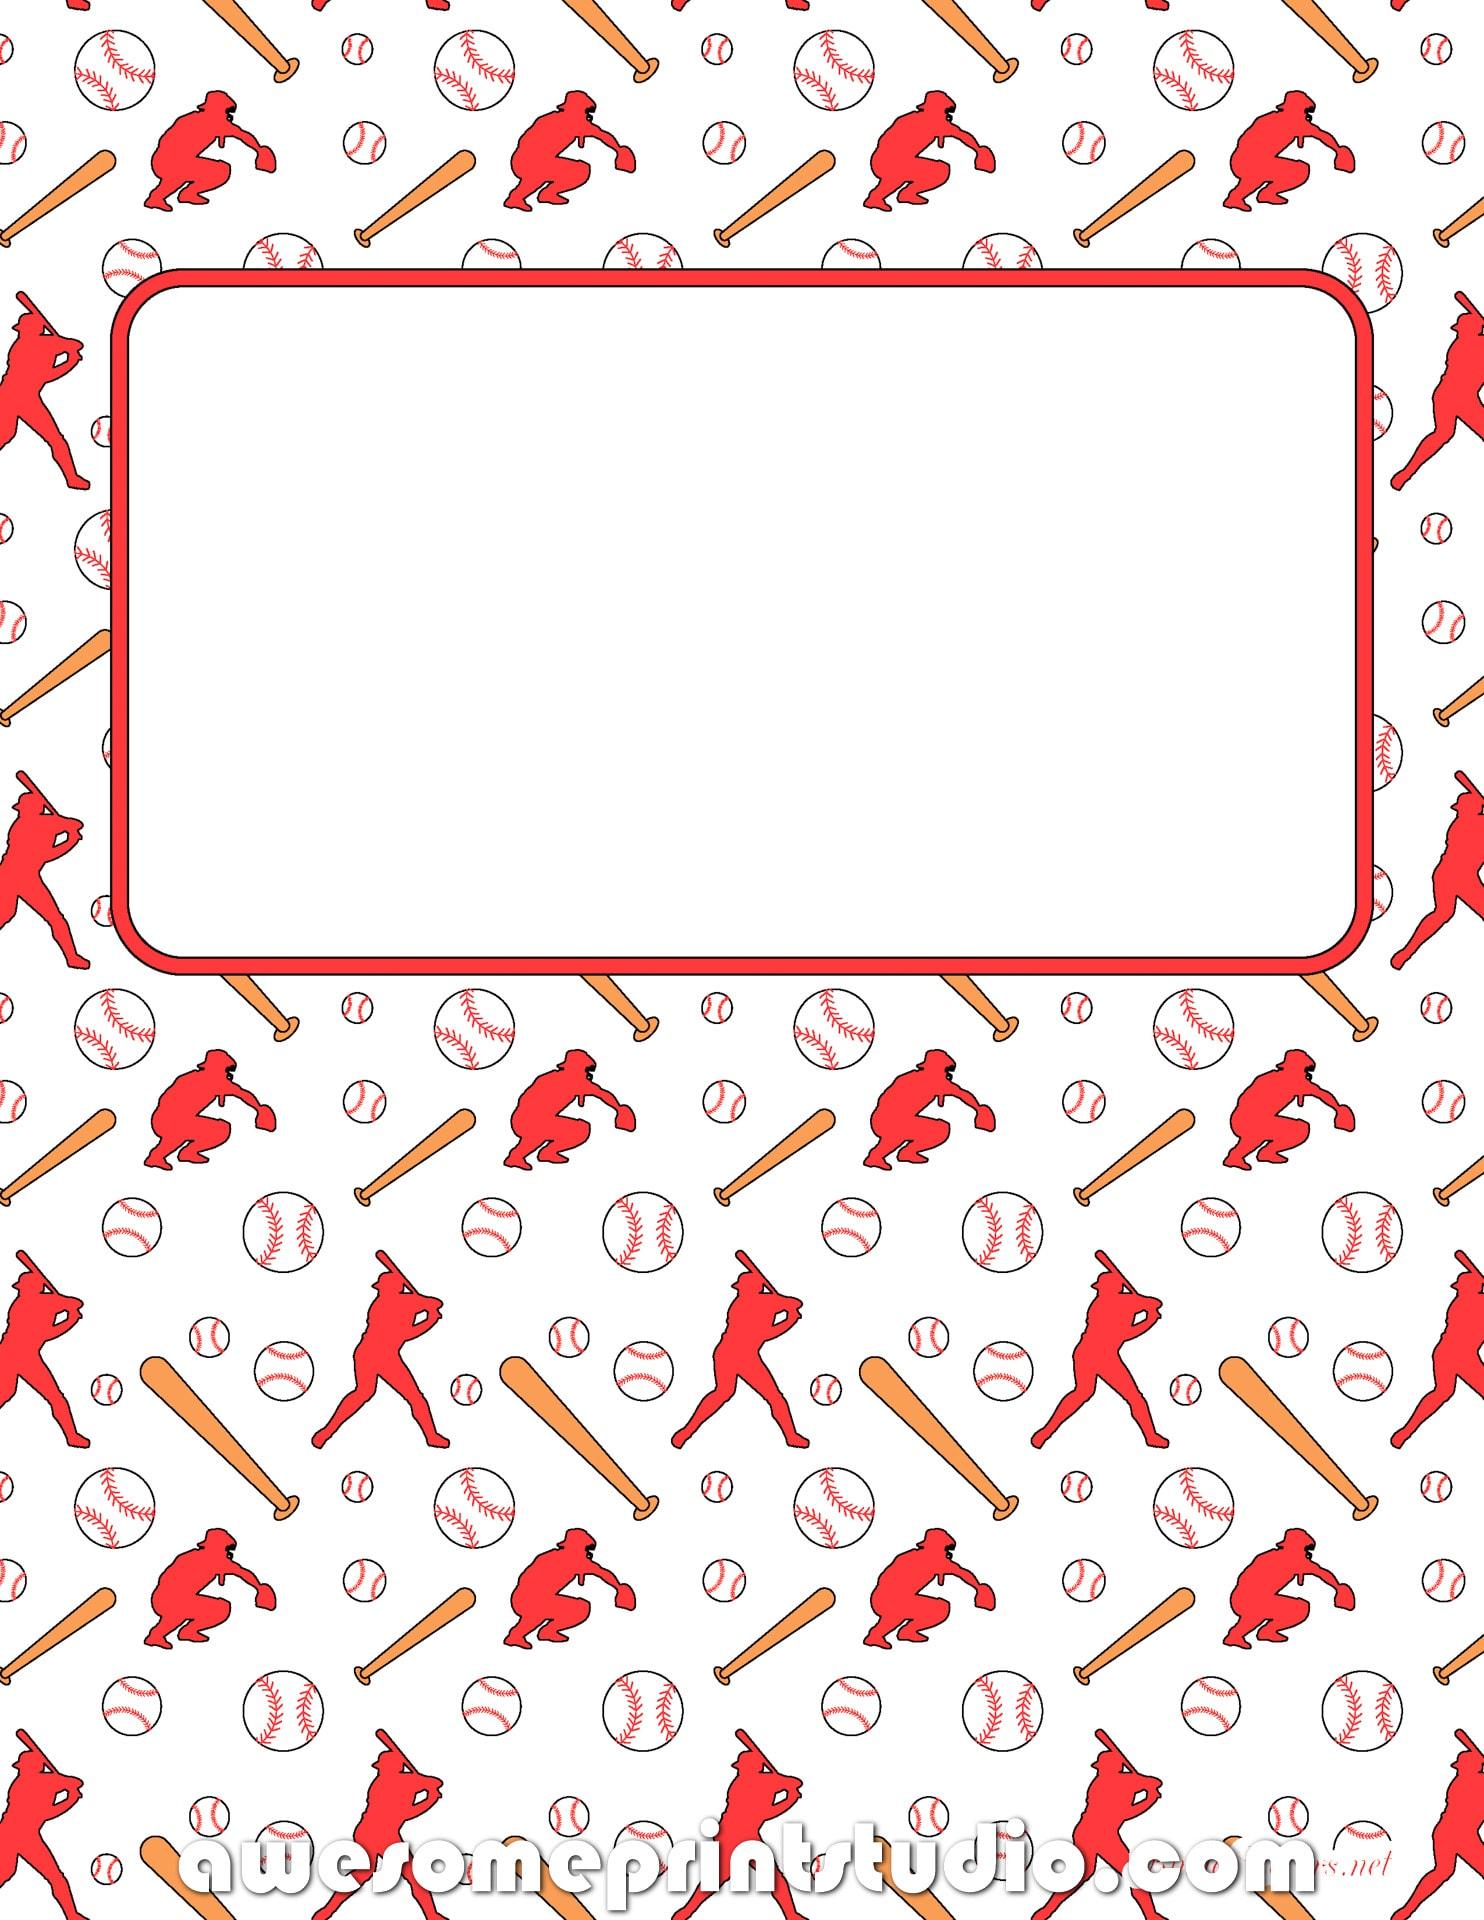 распечатать красивые обложки для тетрадей с бейсболом